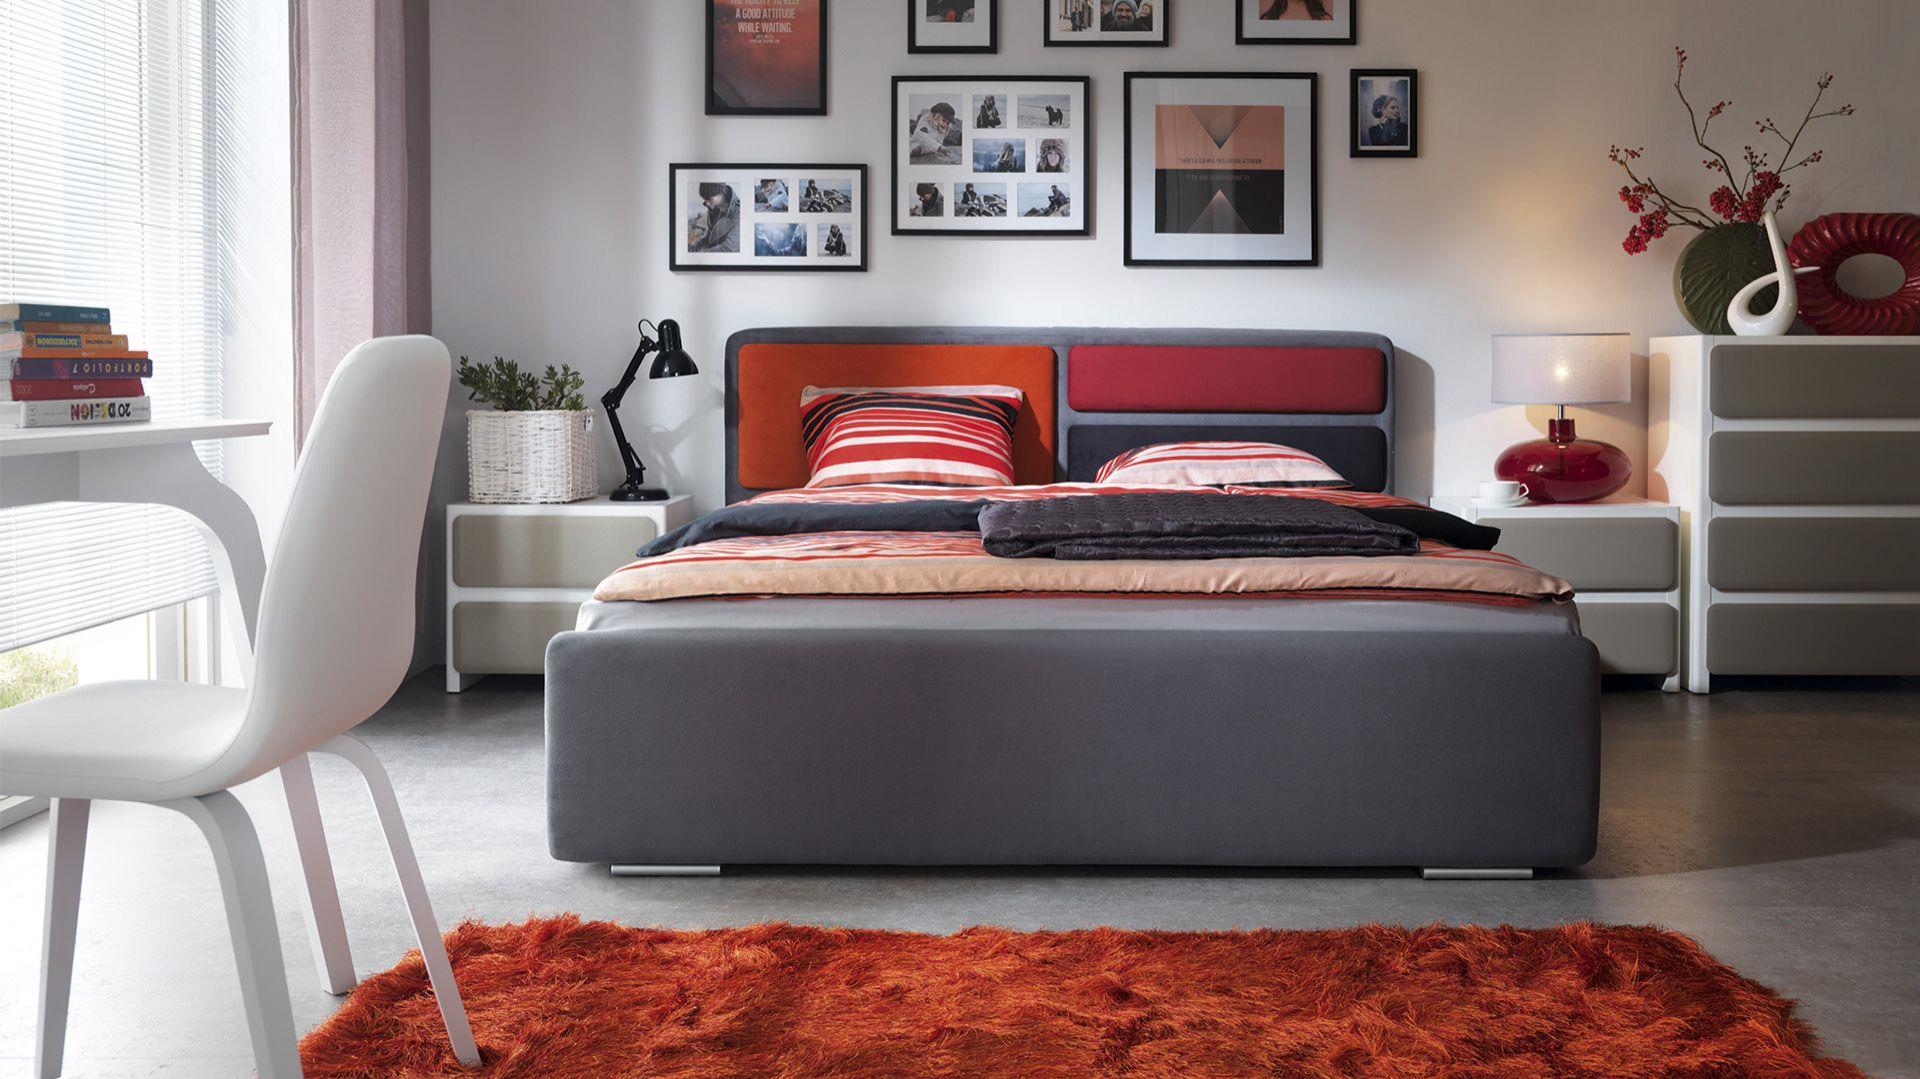 Sypialnia Possi. Łóżko oraz zagłówek dostępne są w wielu opcjach kolorystycznych. Fot. Black Red White